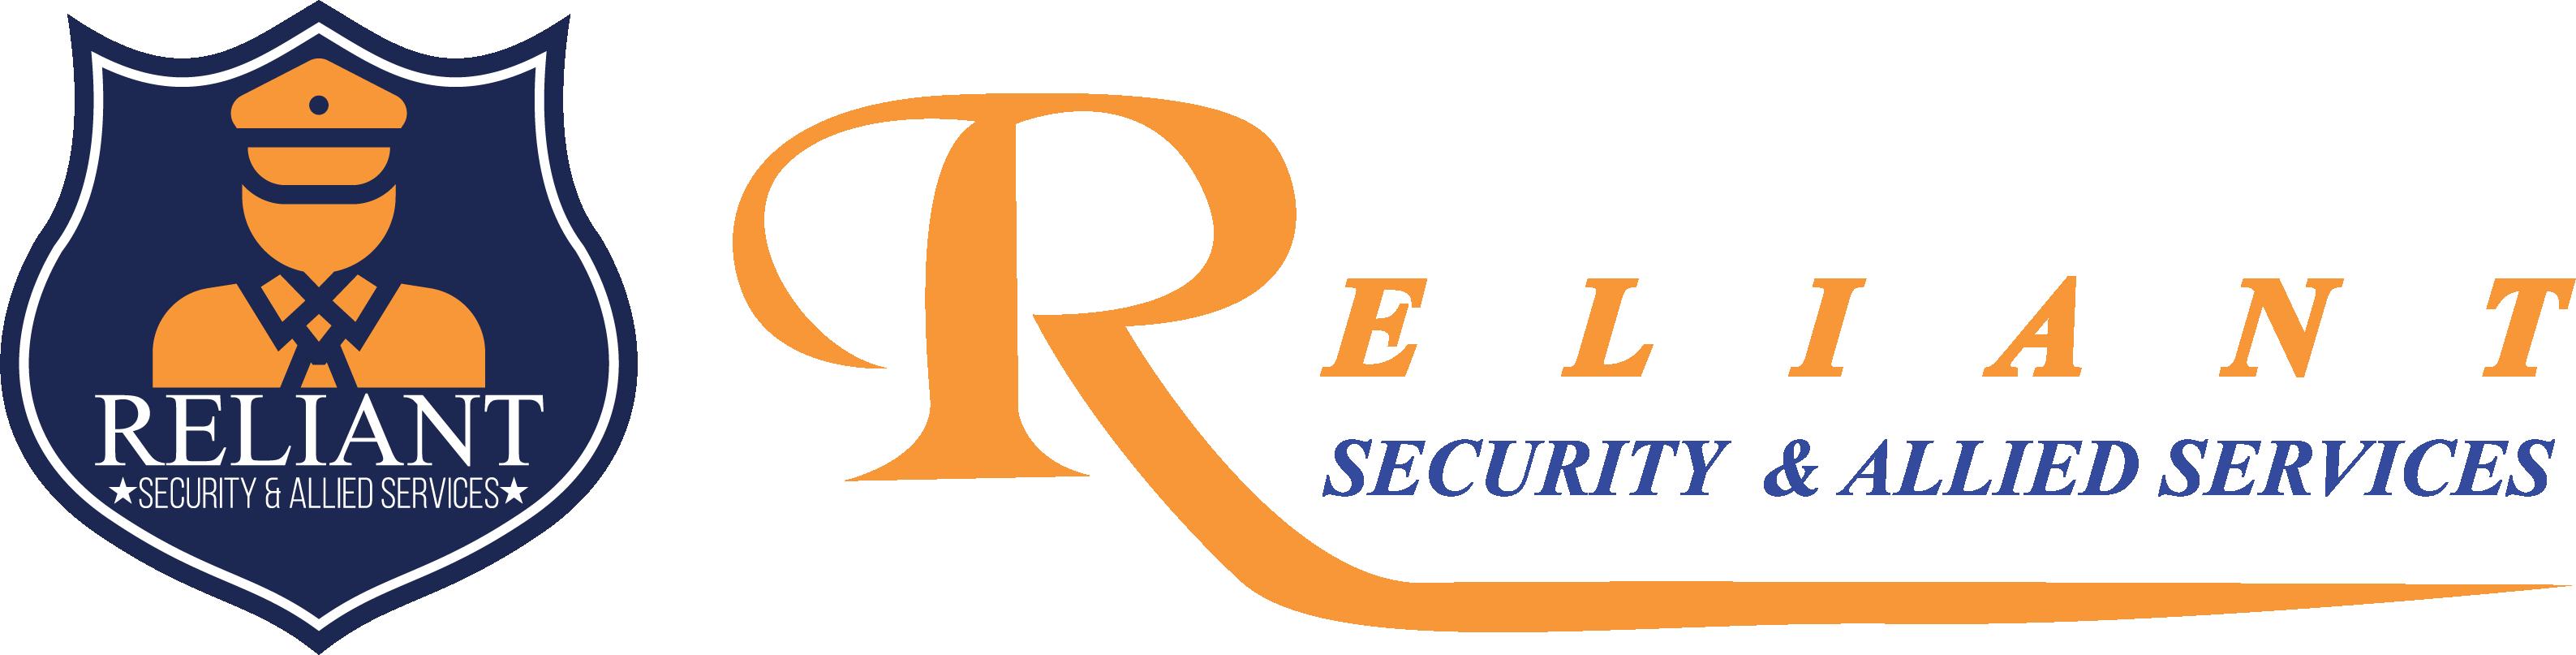 Reliantsecurity